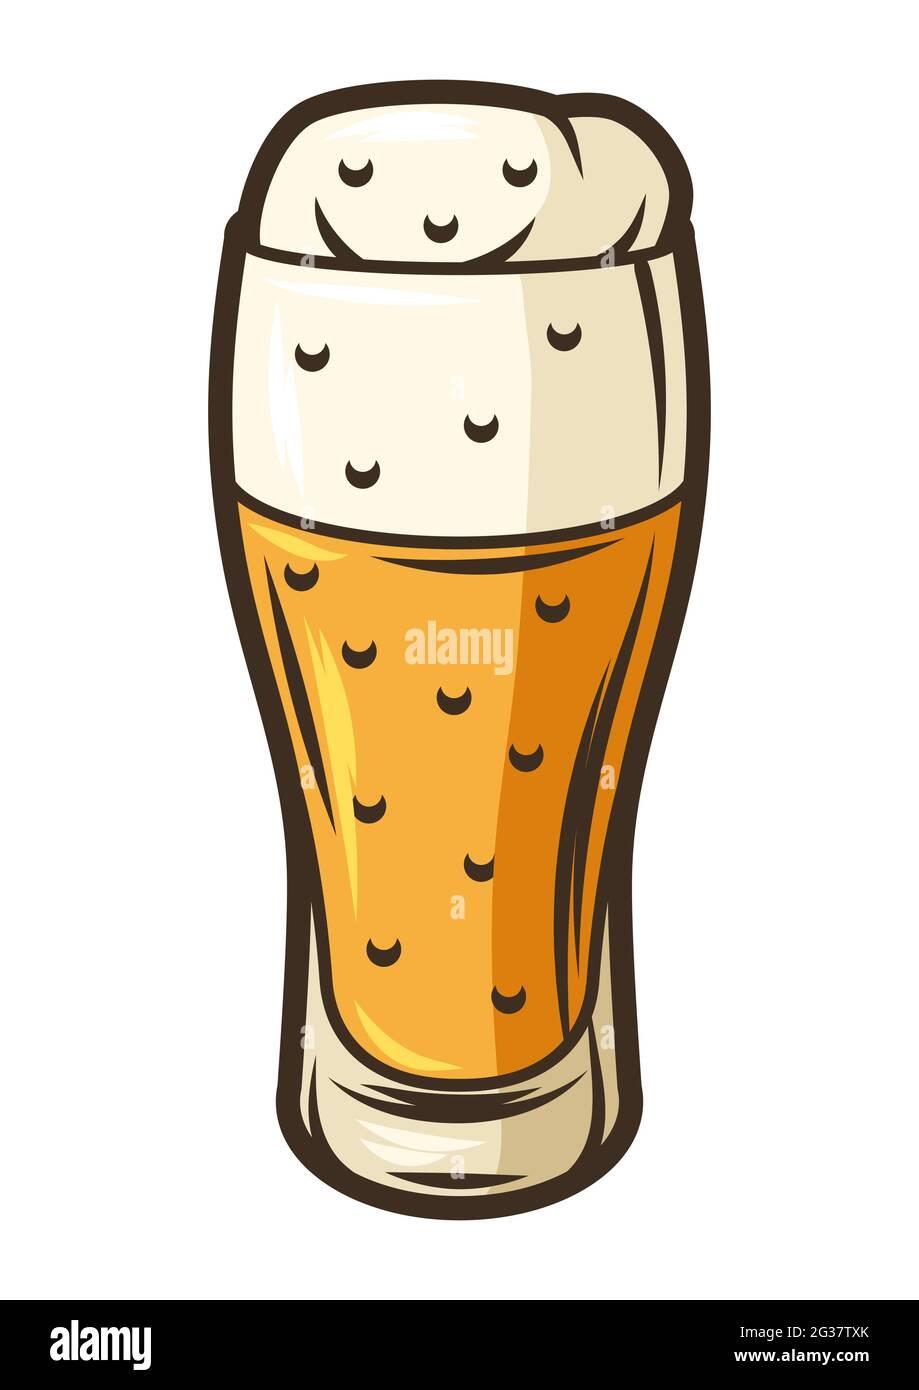 Ilustración de un goblet de vidrio con cerveza. Objeto en grabado de estilo dibujado a mano. Elemento antiguo para el festival de la cerveza o Oktoberfest. Ilustración del Vector